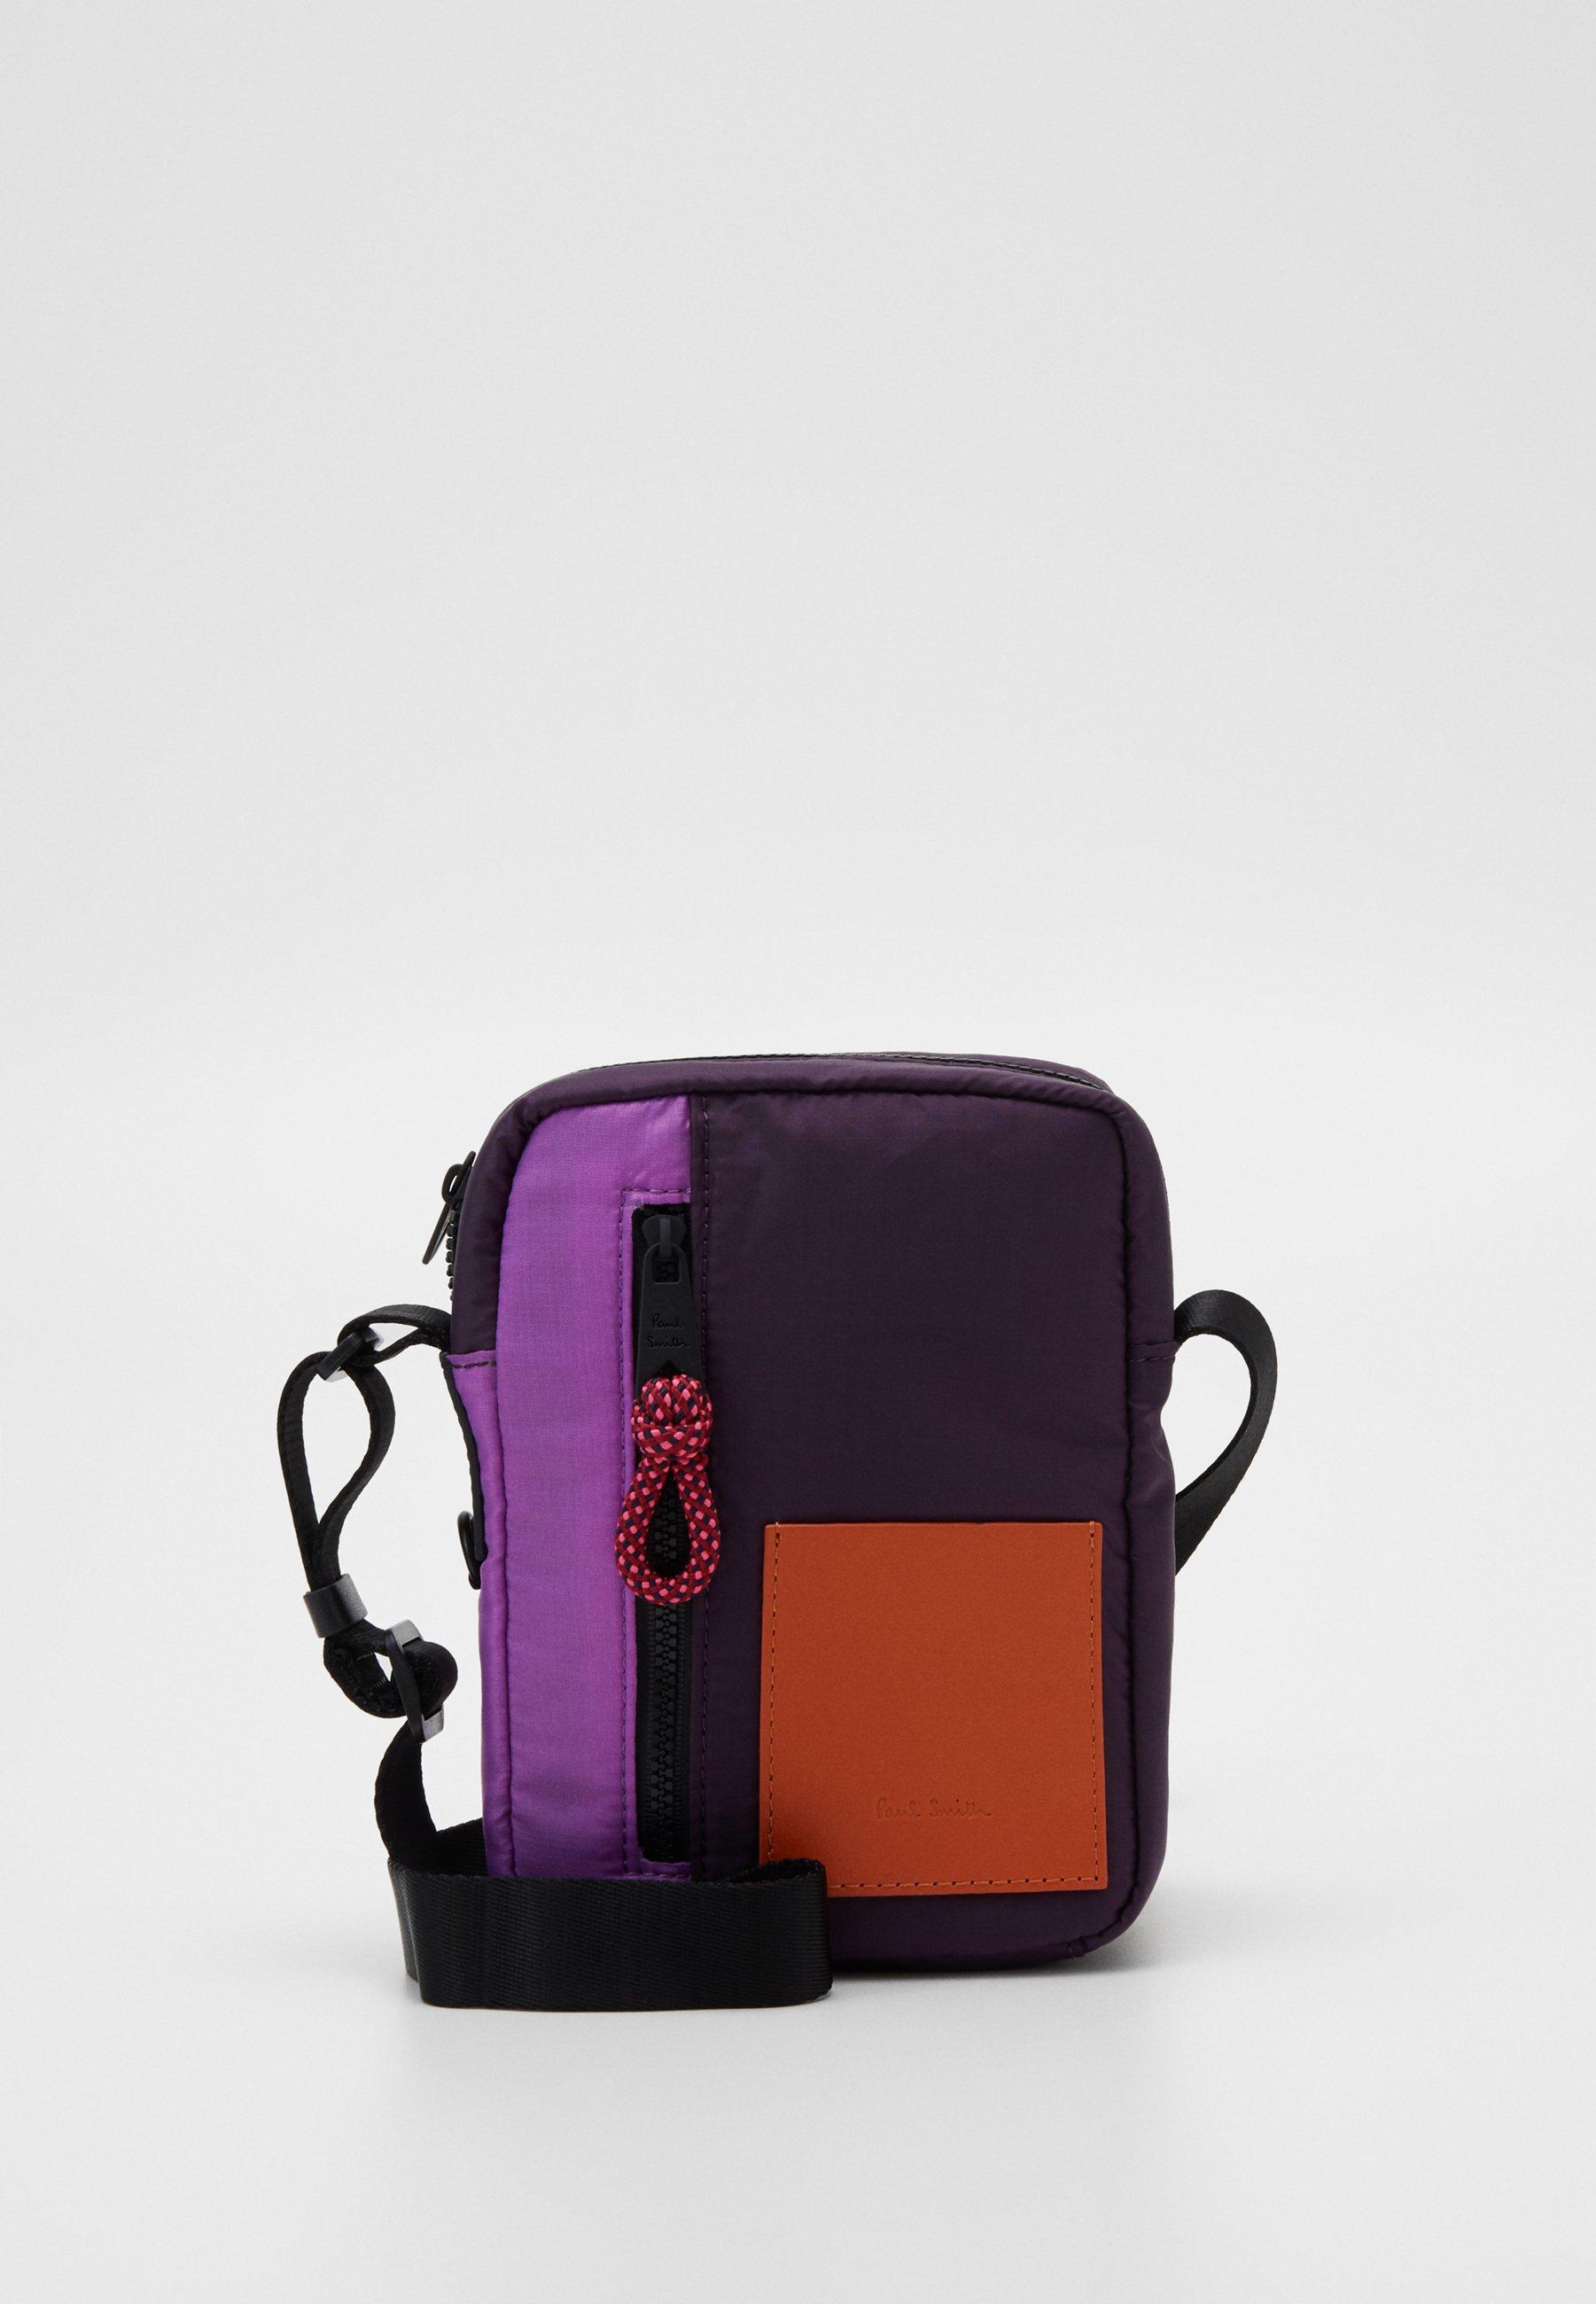 Paul Smith WOMEN BAG CROSS BODY Skulderveske purple